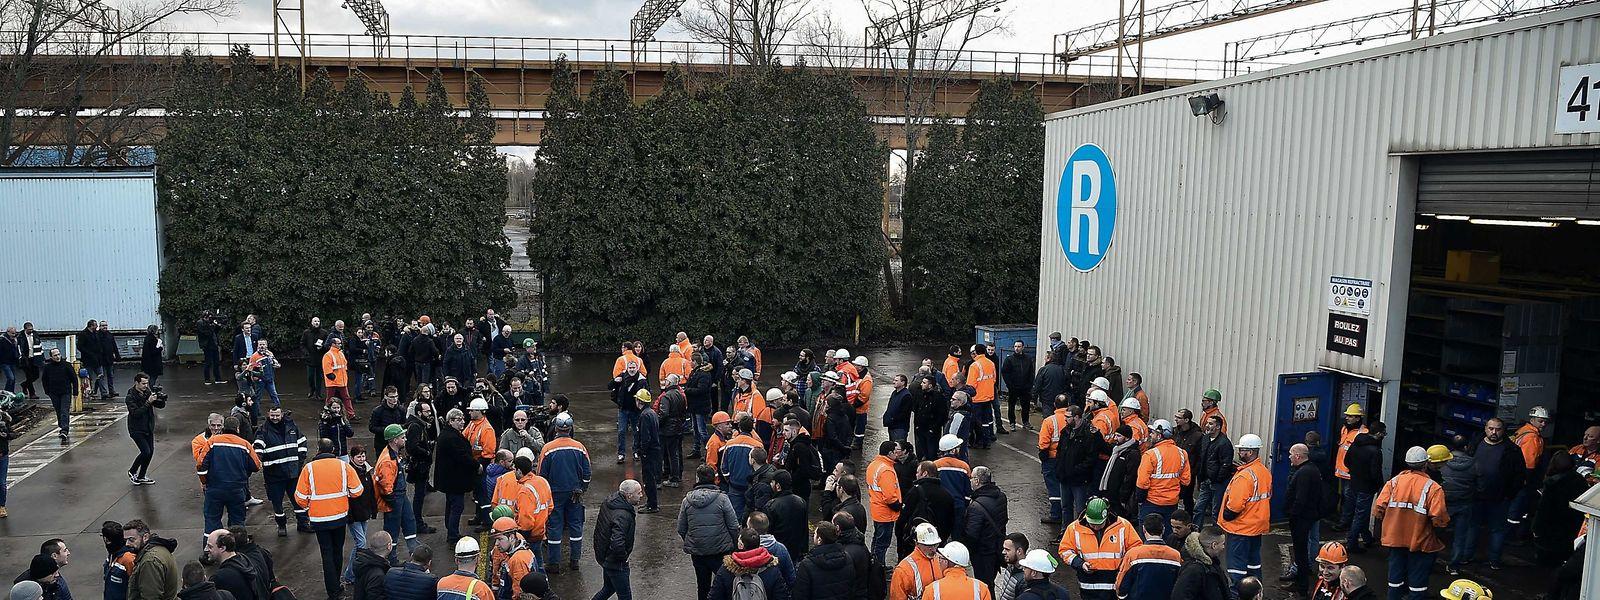 Les salariés d'ArcelorMittal devant le site d'Ascoval à Saint-Saulve, près de Valenciennes.